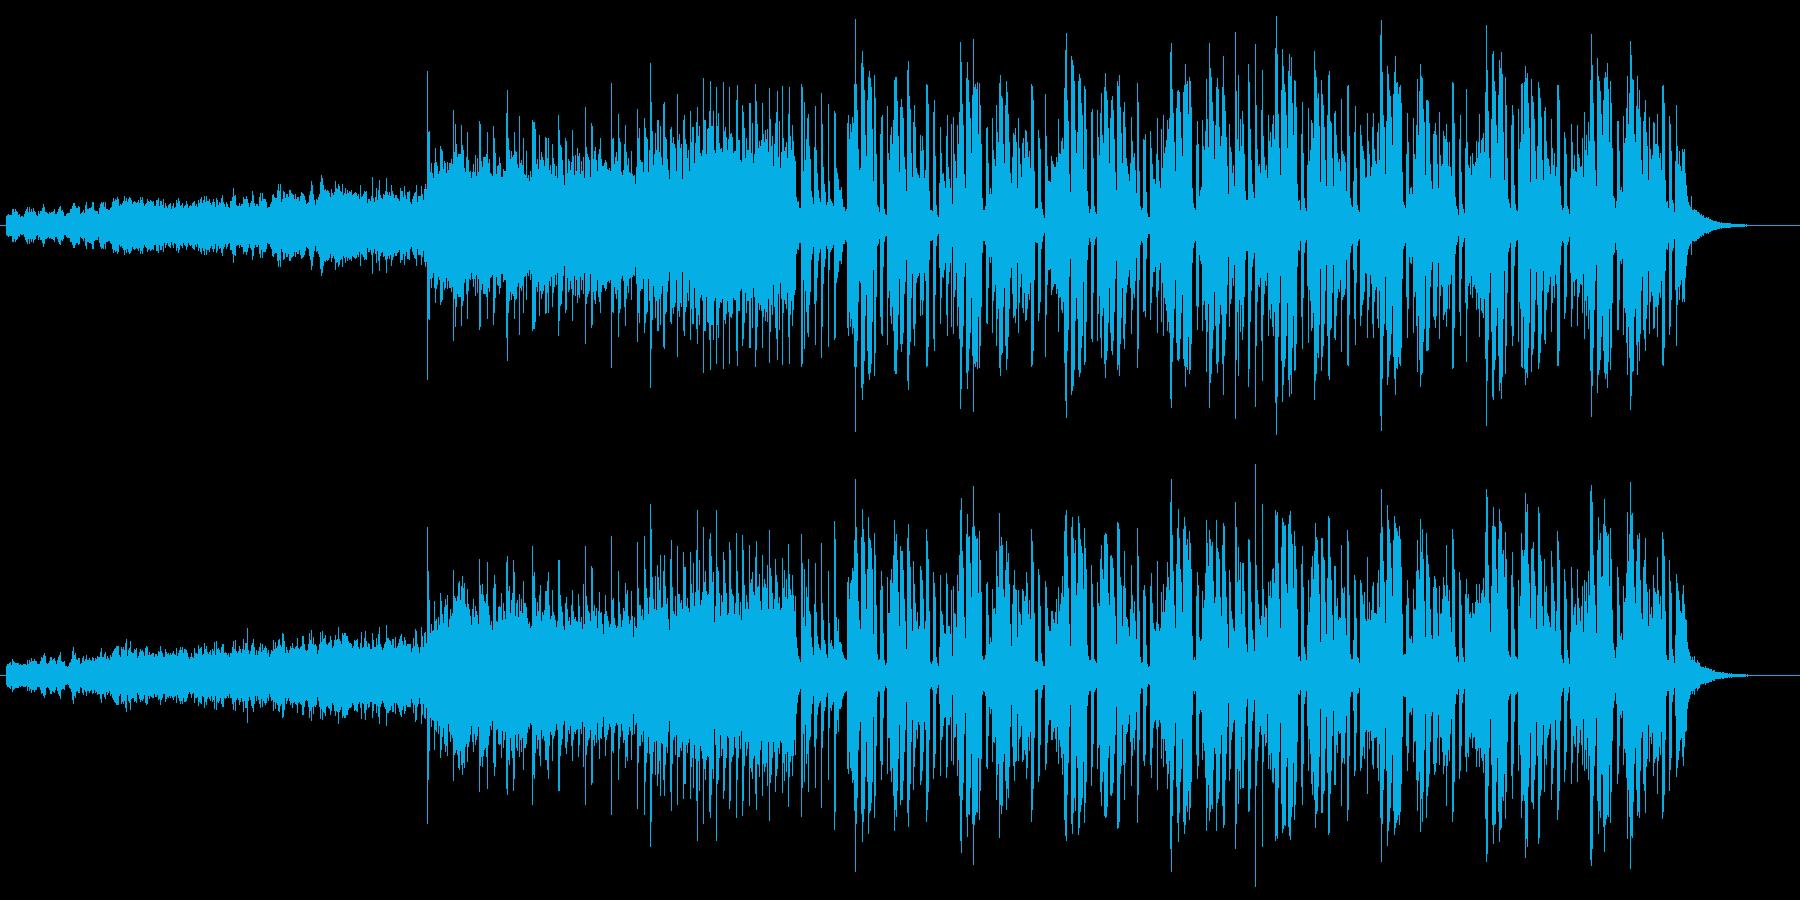 バウンド感のある変則ビートの再生済みの波形